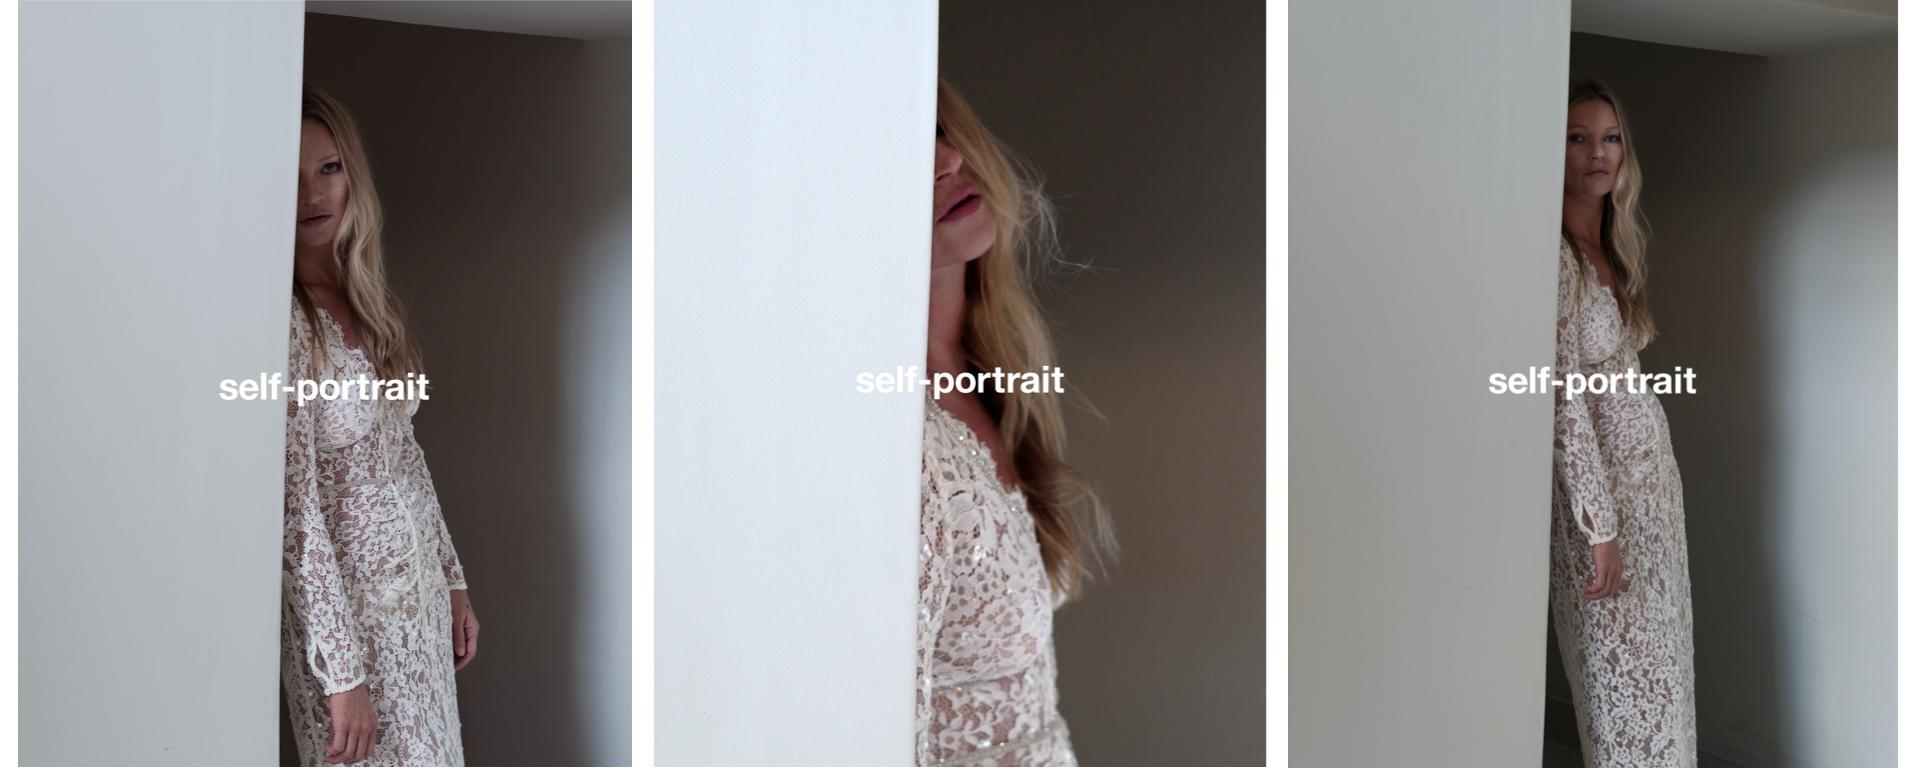 Кейт Мосс стала главной героиней рекламной кампании Self-Portrait (ФОТО) - фото №1